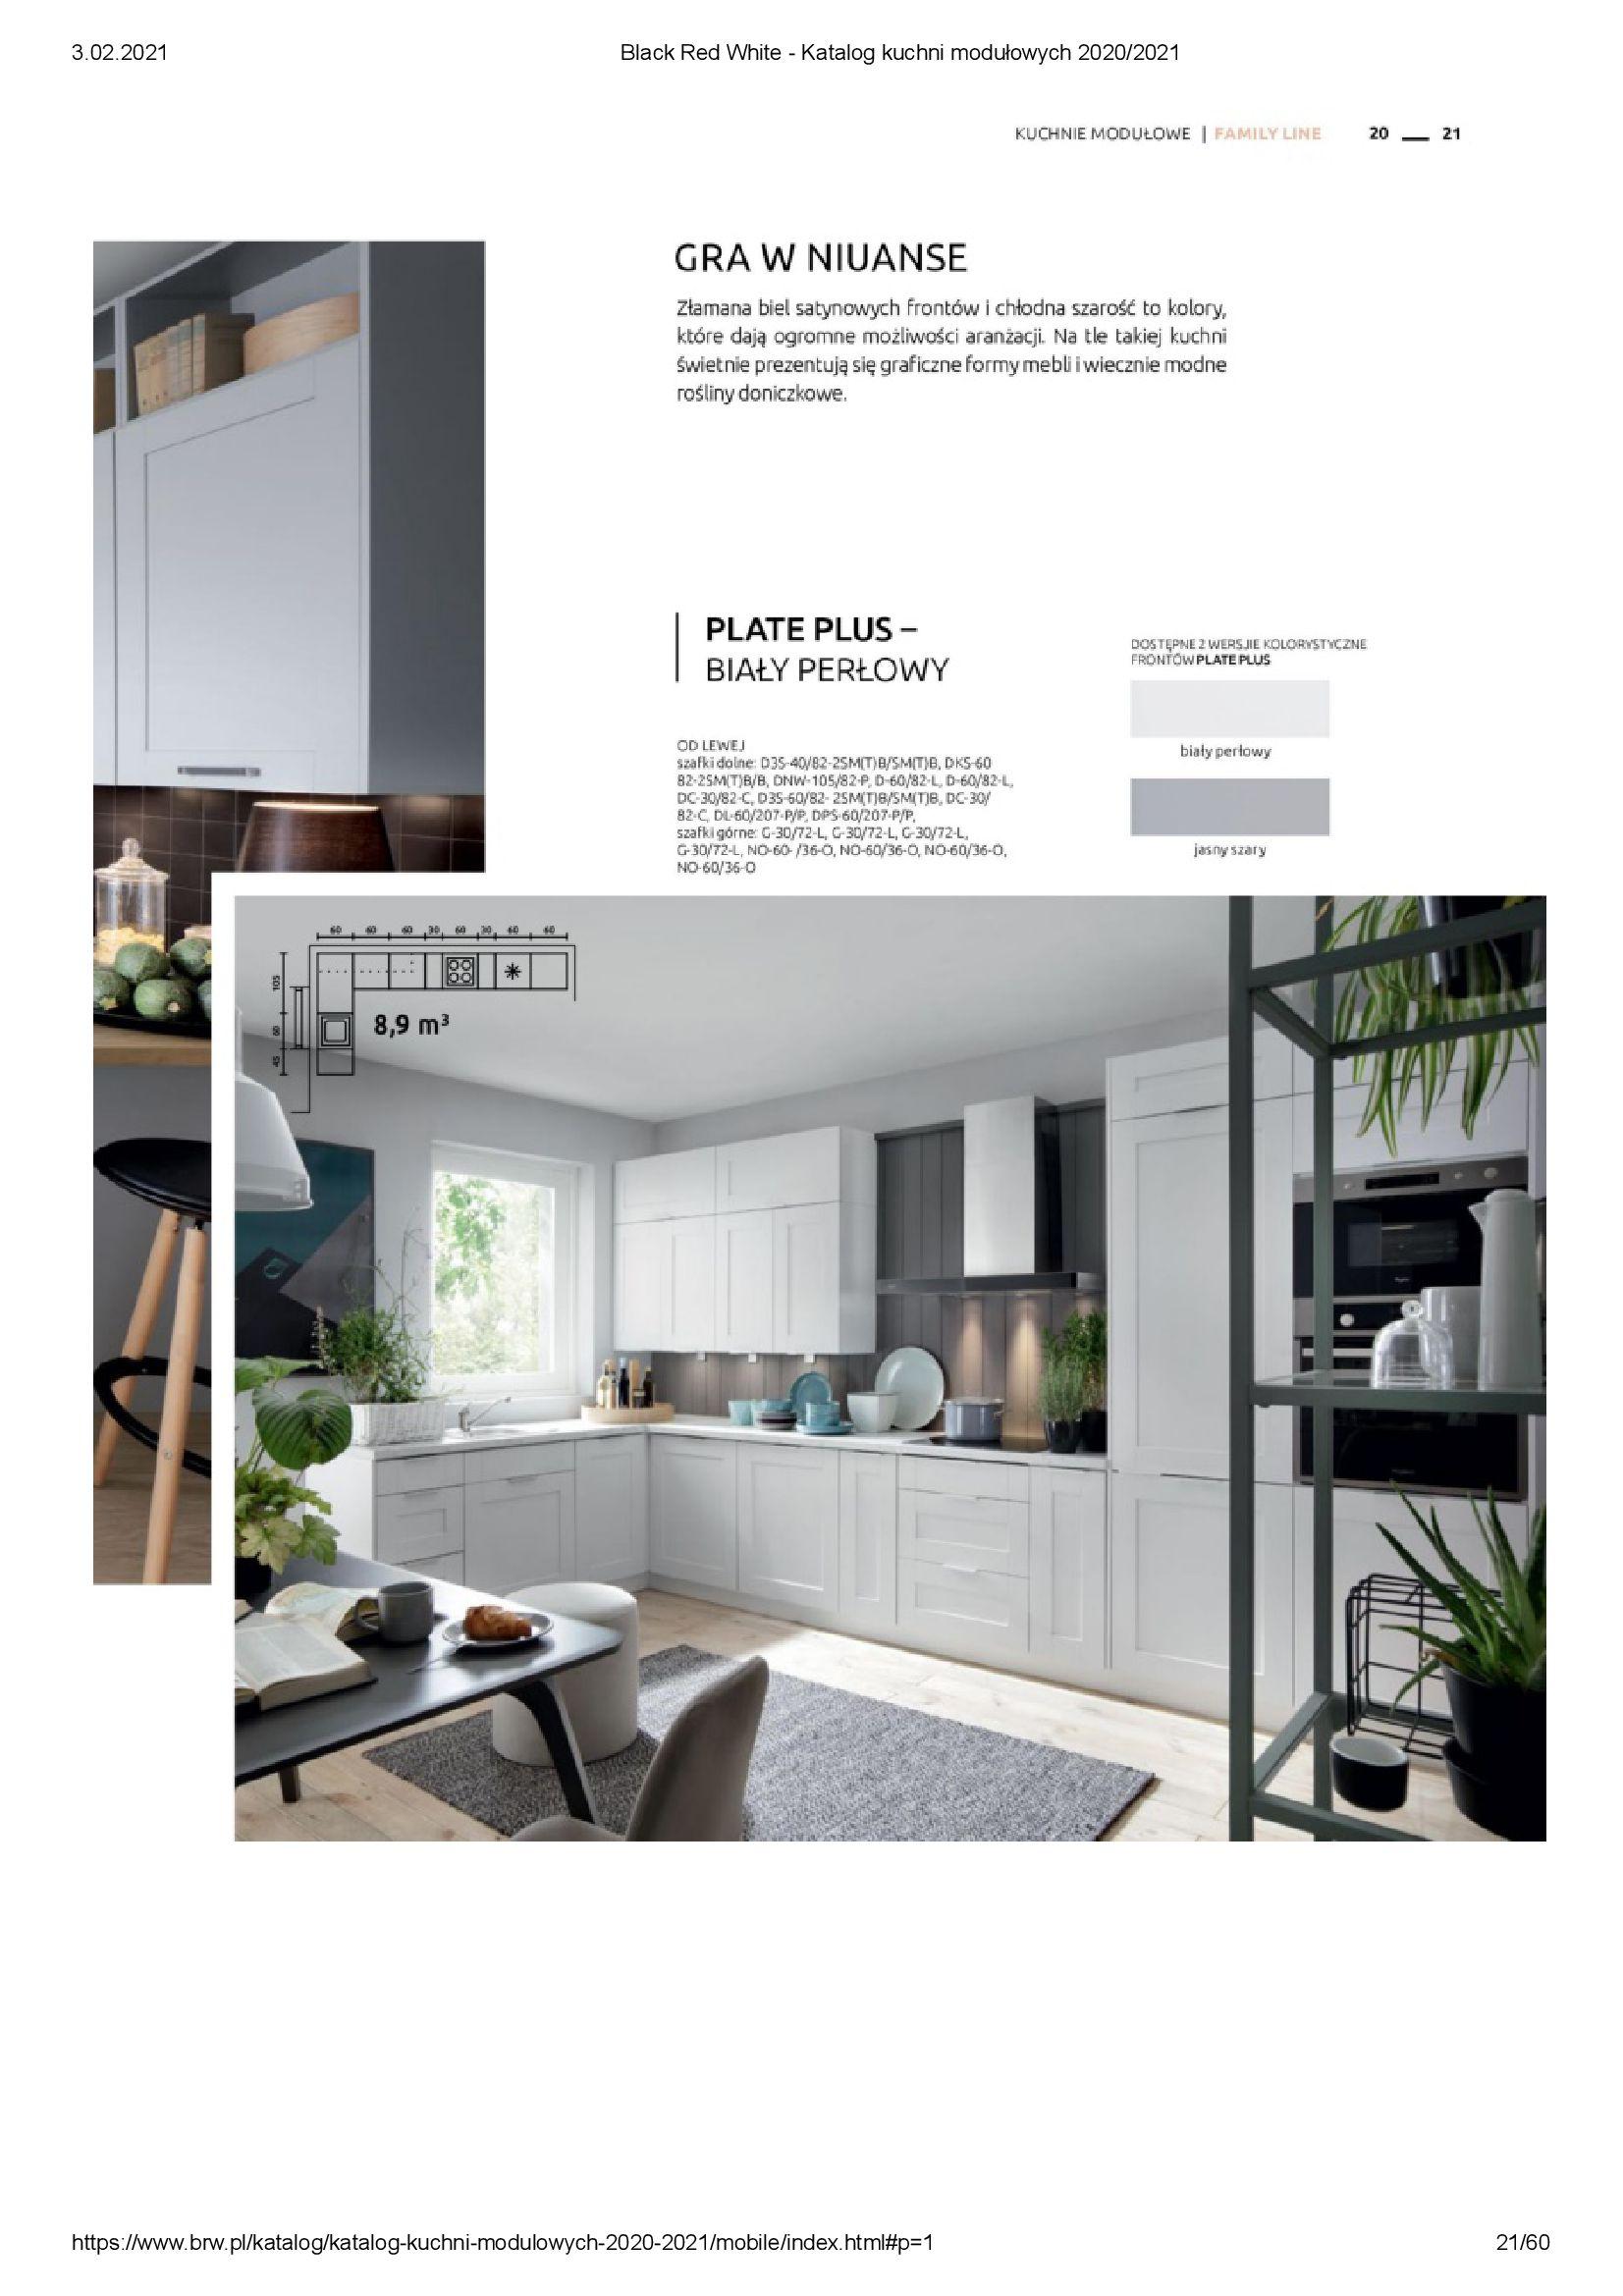 Gazetka Black Red White: Katalog - Kuchnie modułowe 2020/2021 2021-01-01 page-21